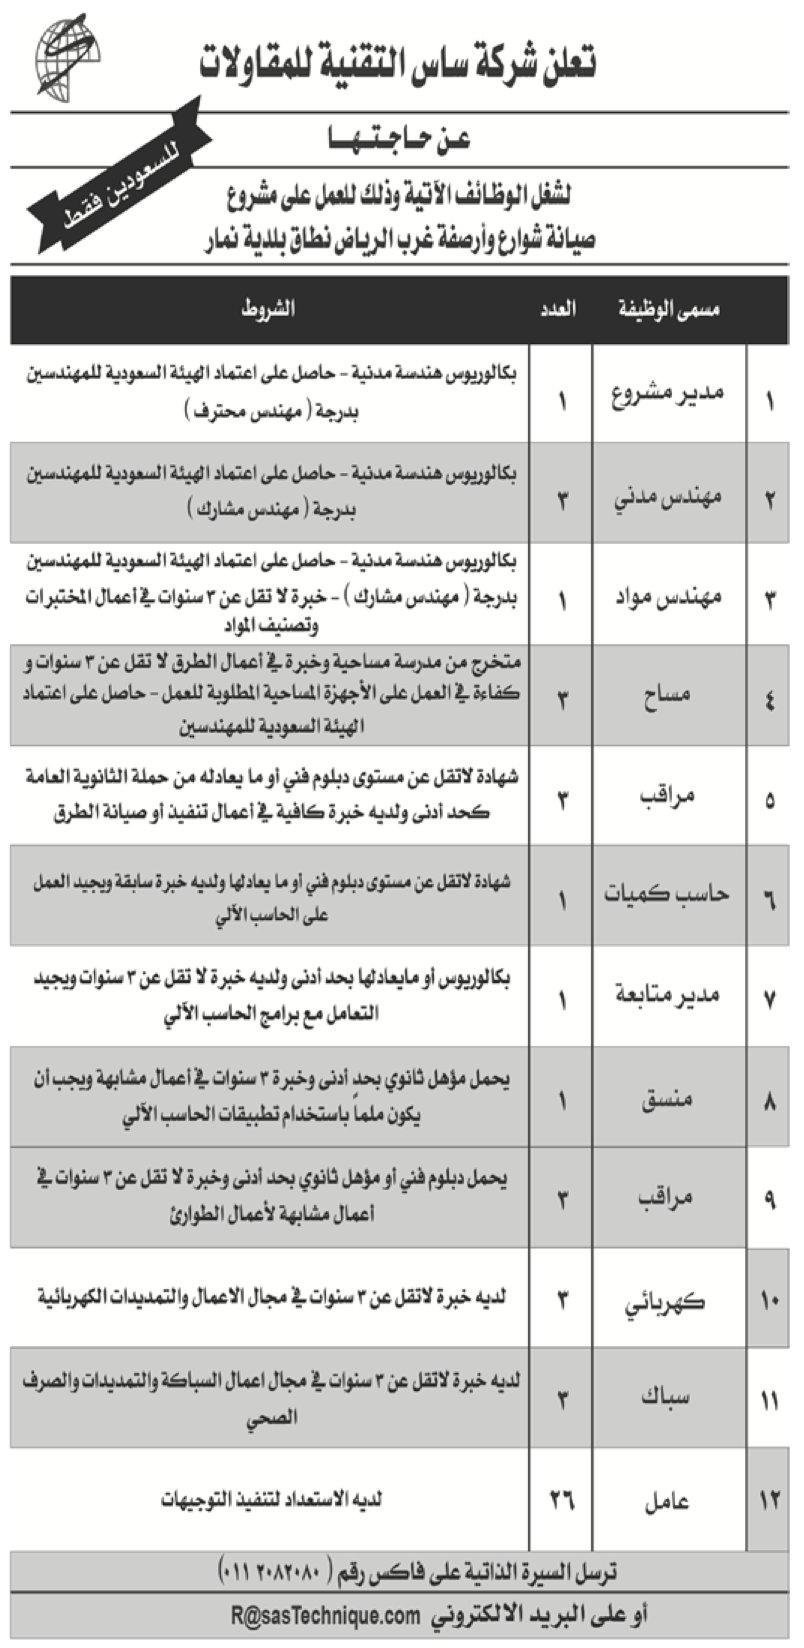 تعلن شركة ساس التقنية للمقاولات عن وظائف إدارية و هندسية و أخرى شاغرة غرب #الرياض    الإيميل R@sasTechnique.com  #وظائف_شاغرة #وظائف_الرياض